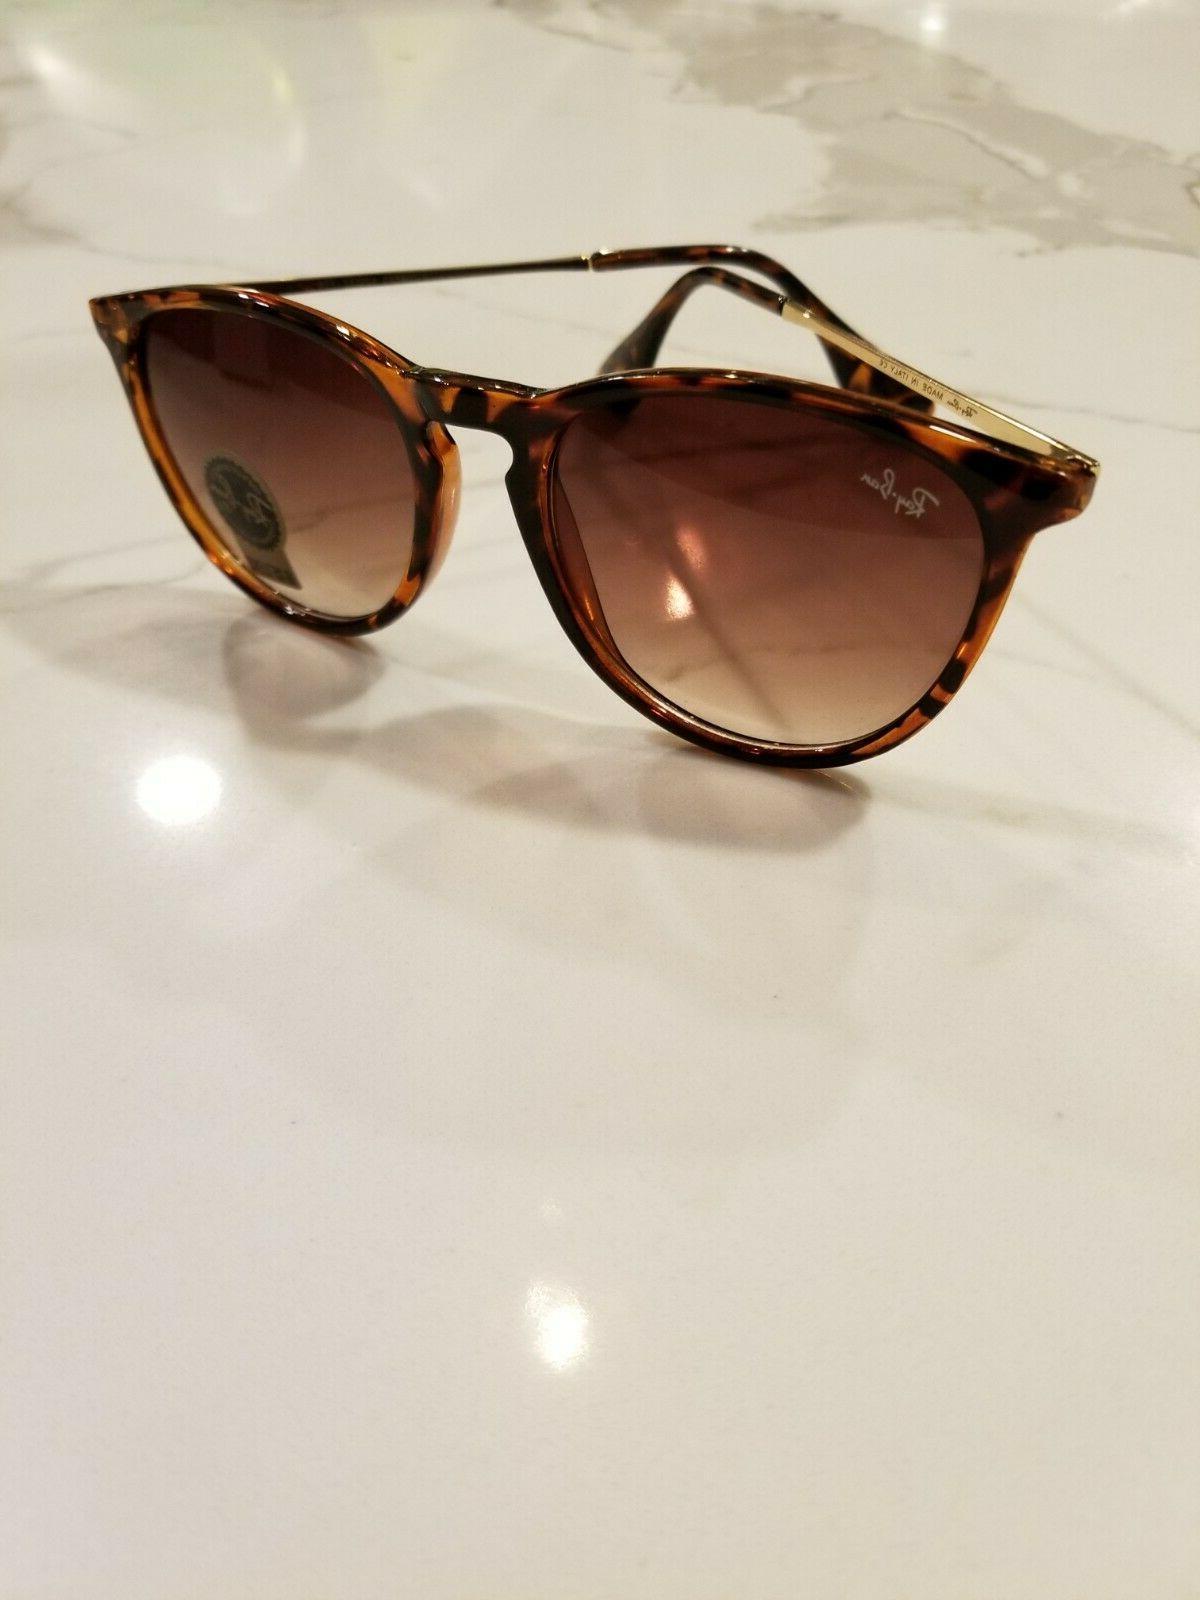 Ray-Ban Sunglasses Classics RB4171 54mm